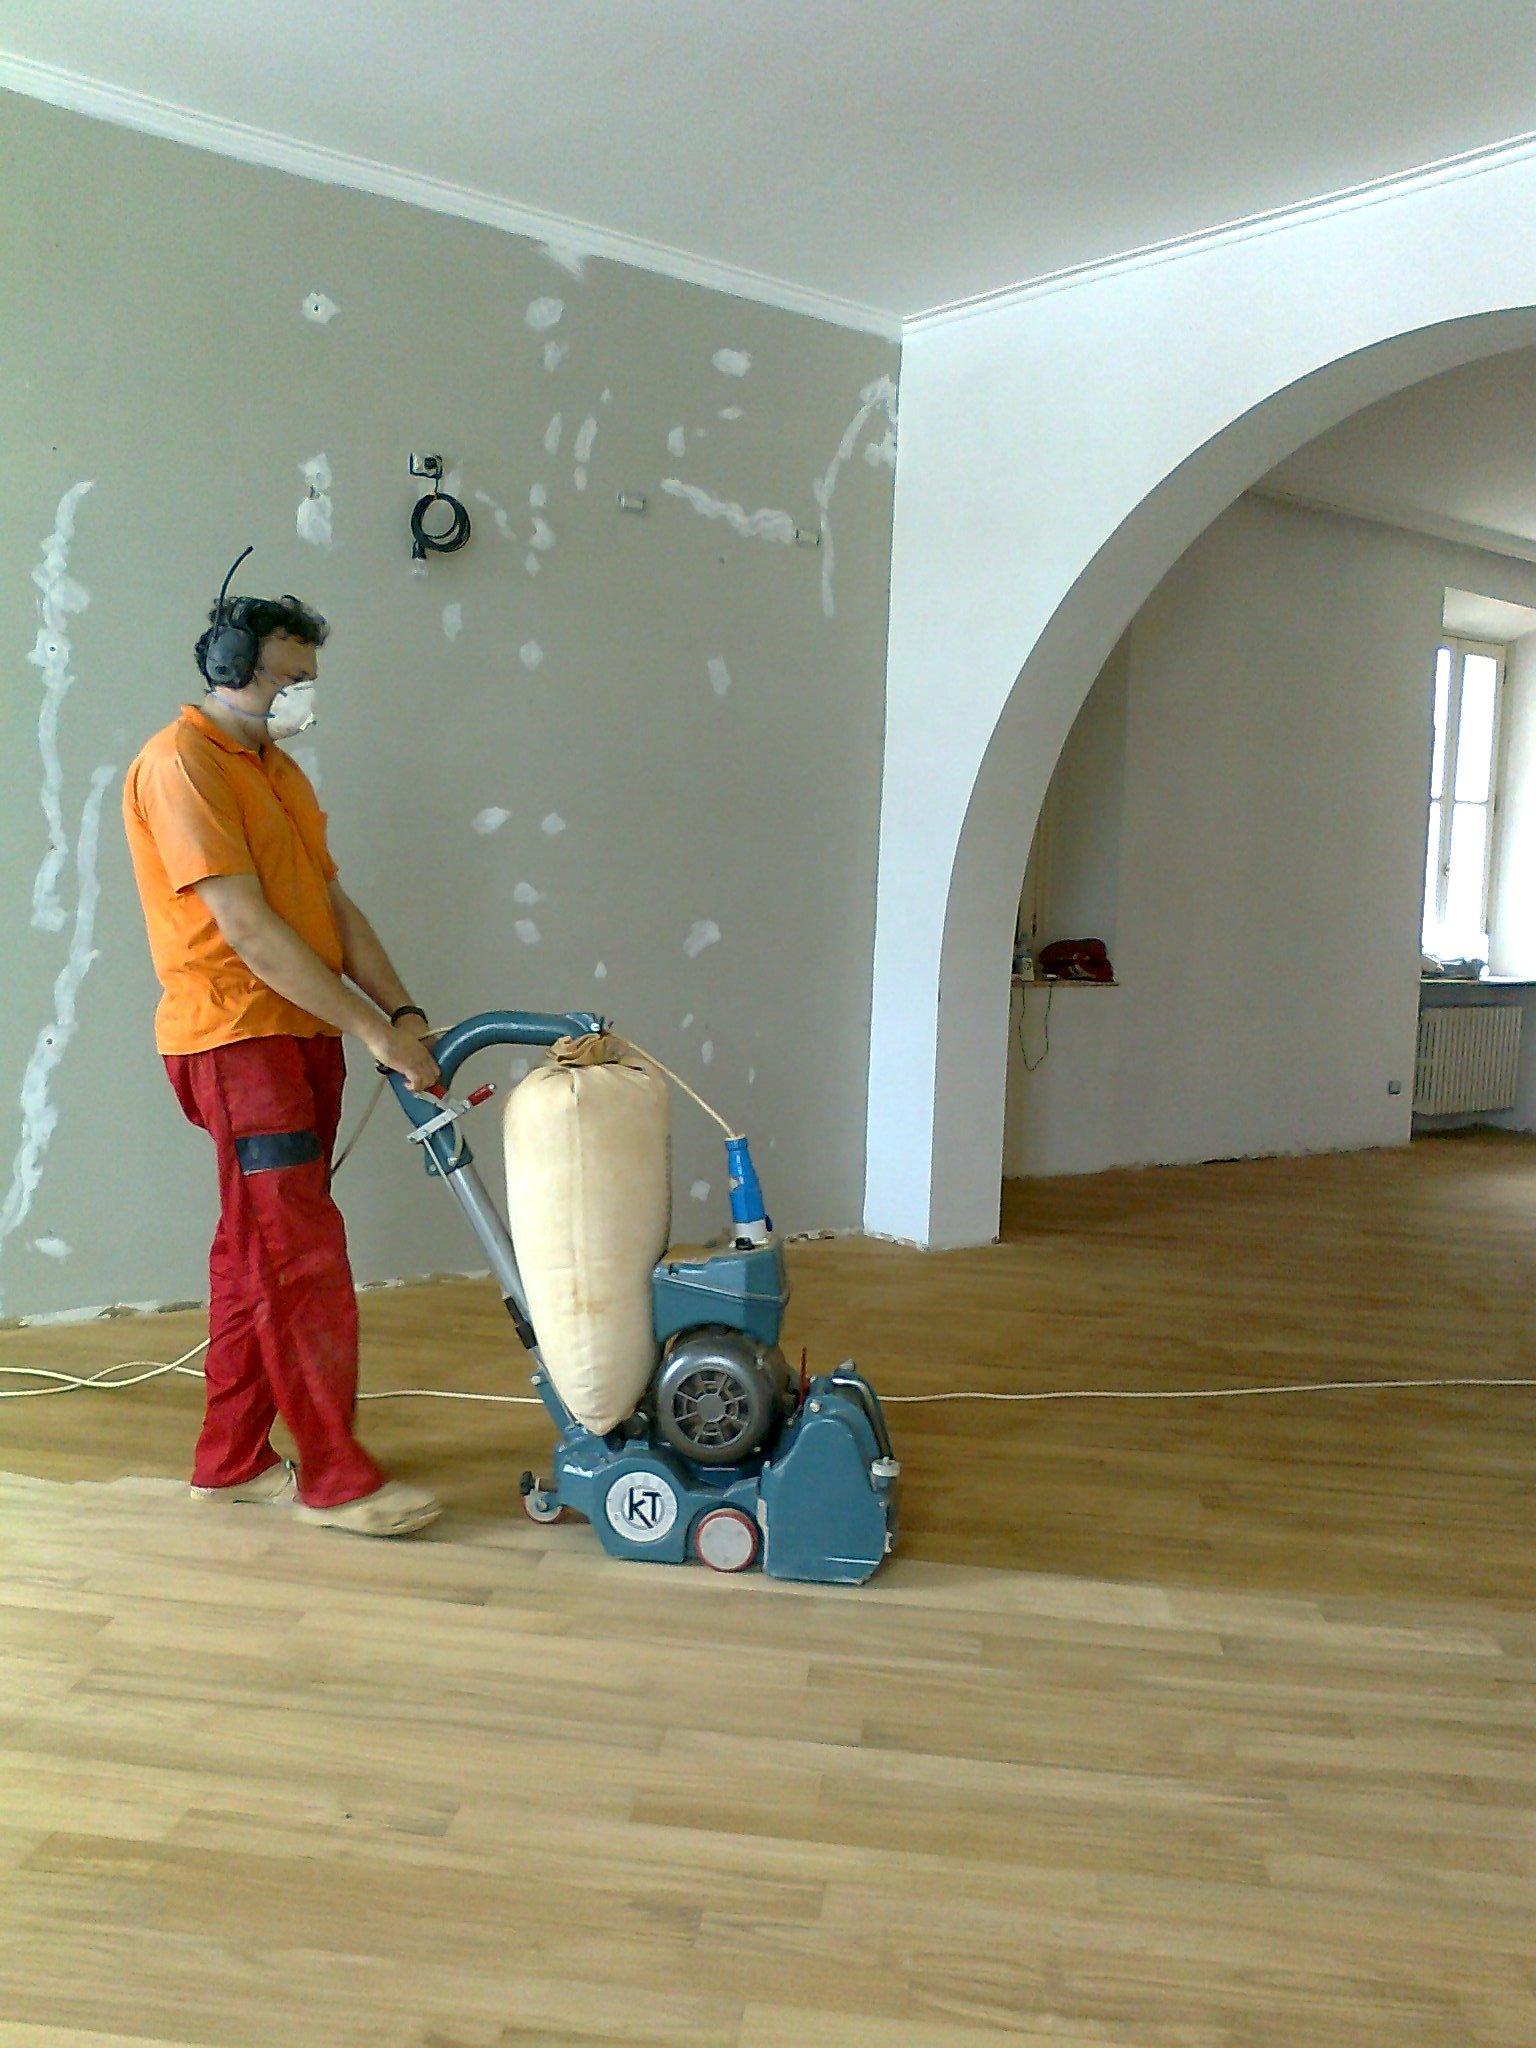 operaio con macchinario per lamatura mentre lavora sul pavimento di una casa